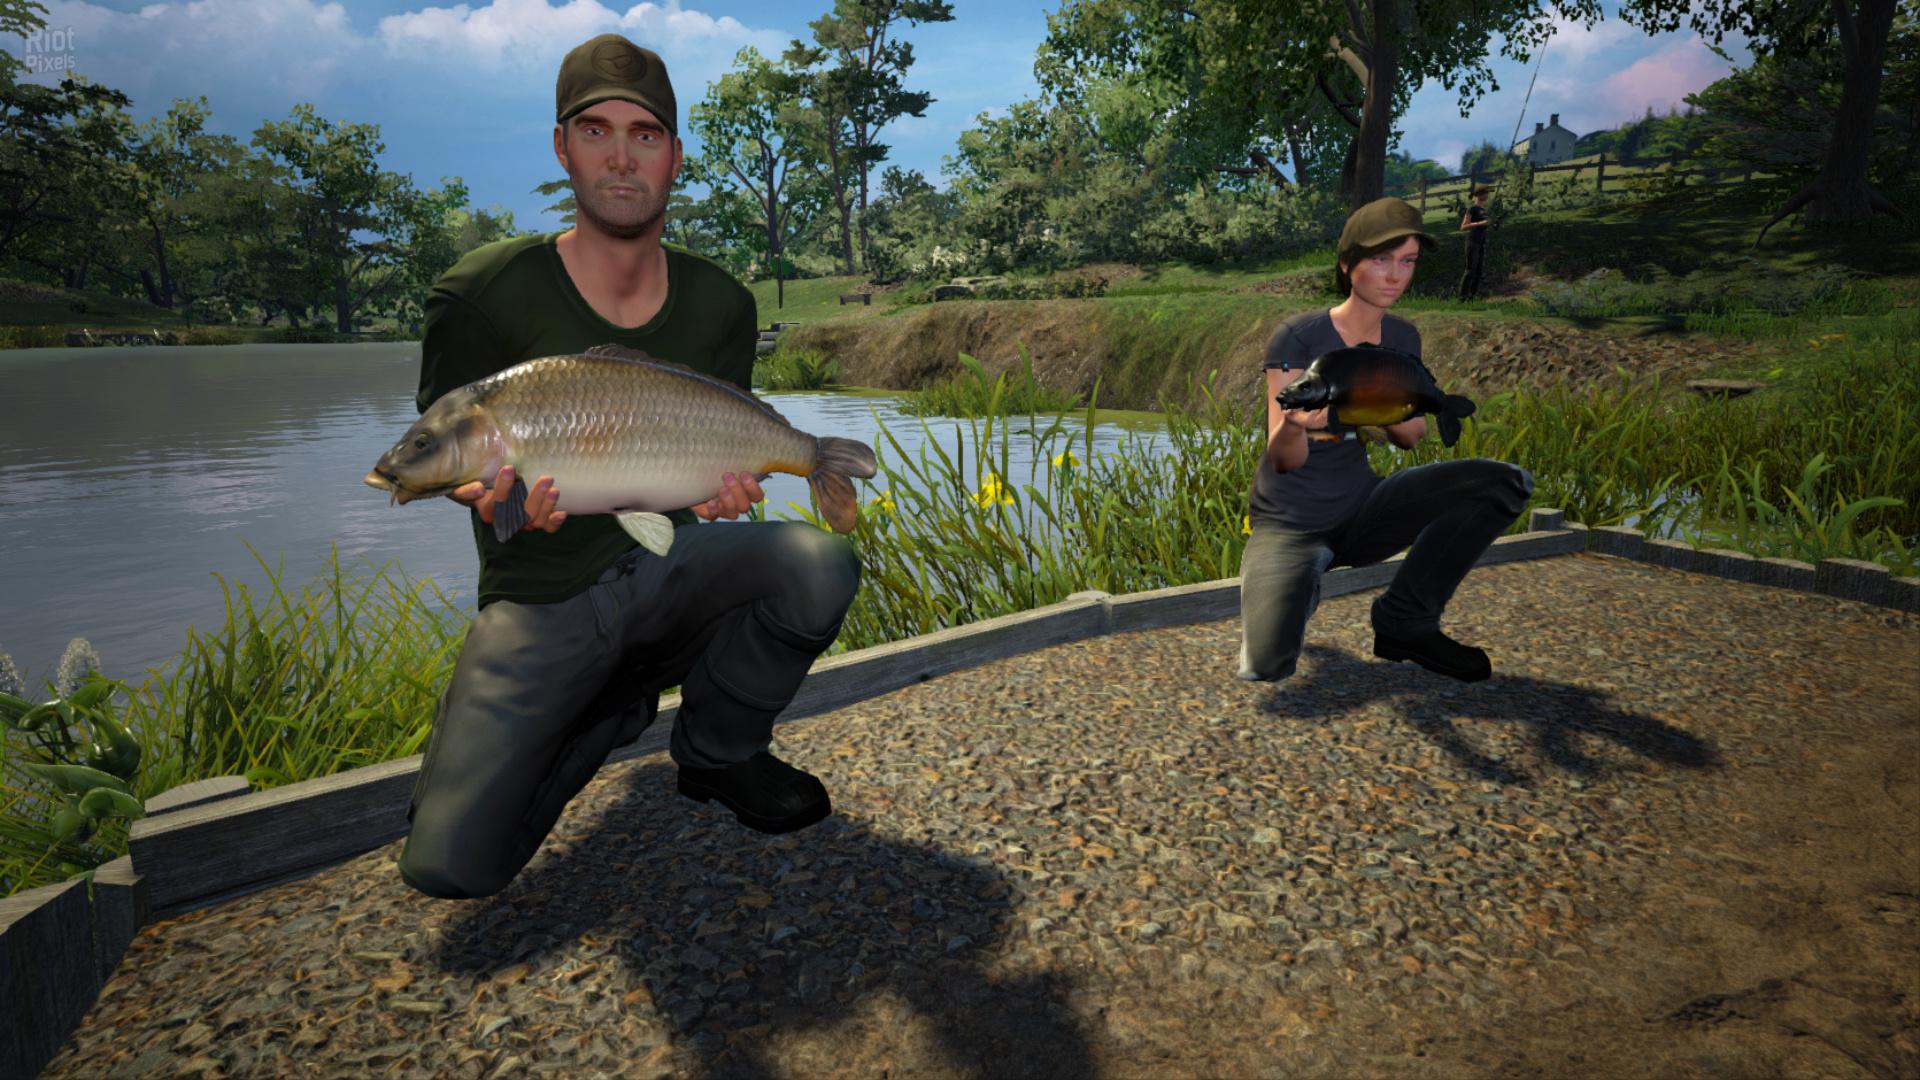 торренты про рыбалку без регистрации бесплатно